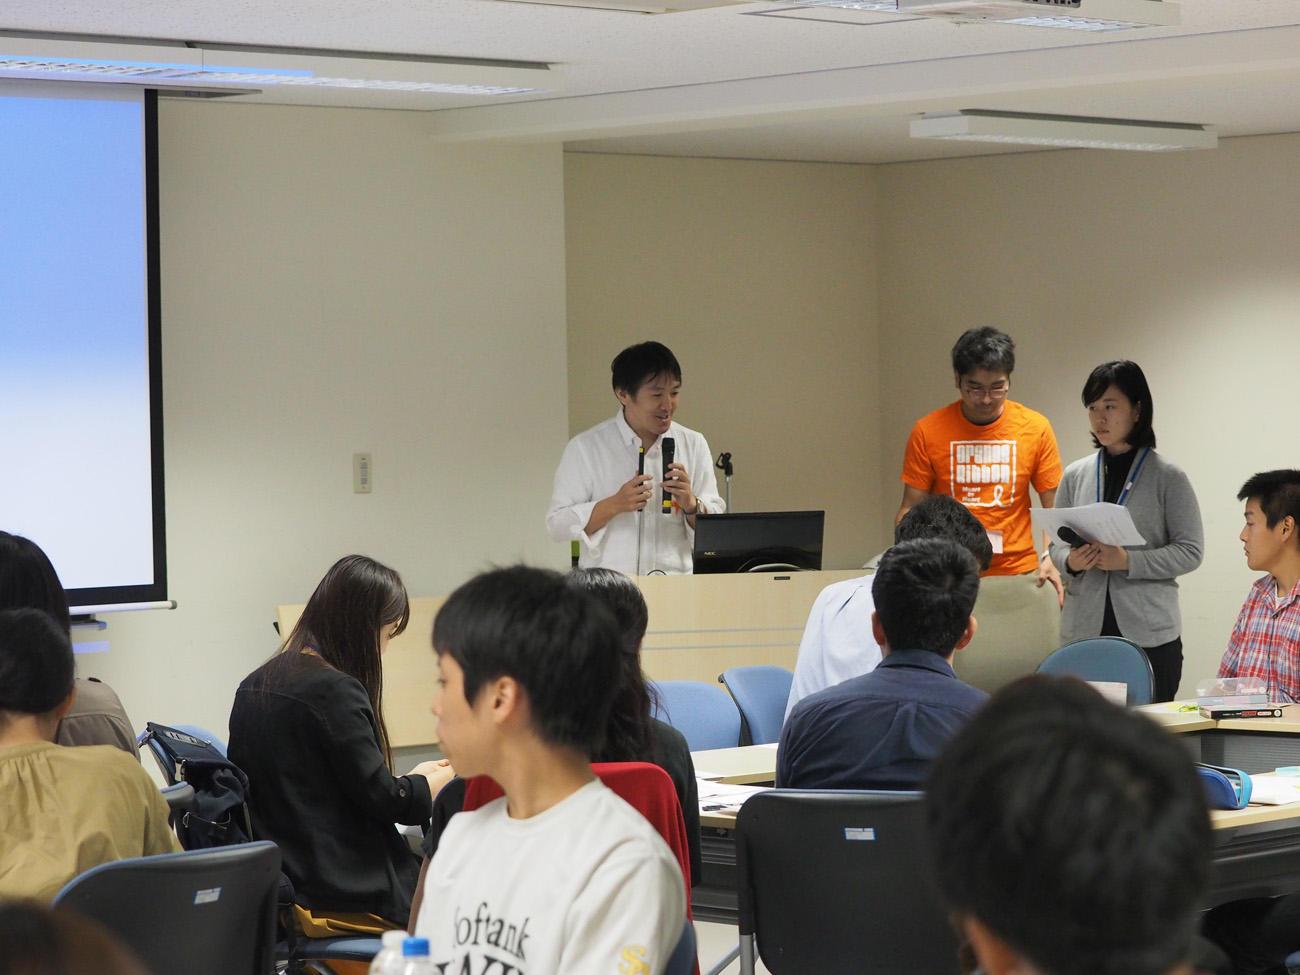 http://www.orangeribbon.jp/info/organization/PA083102.jpg